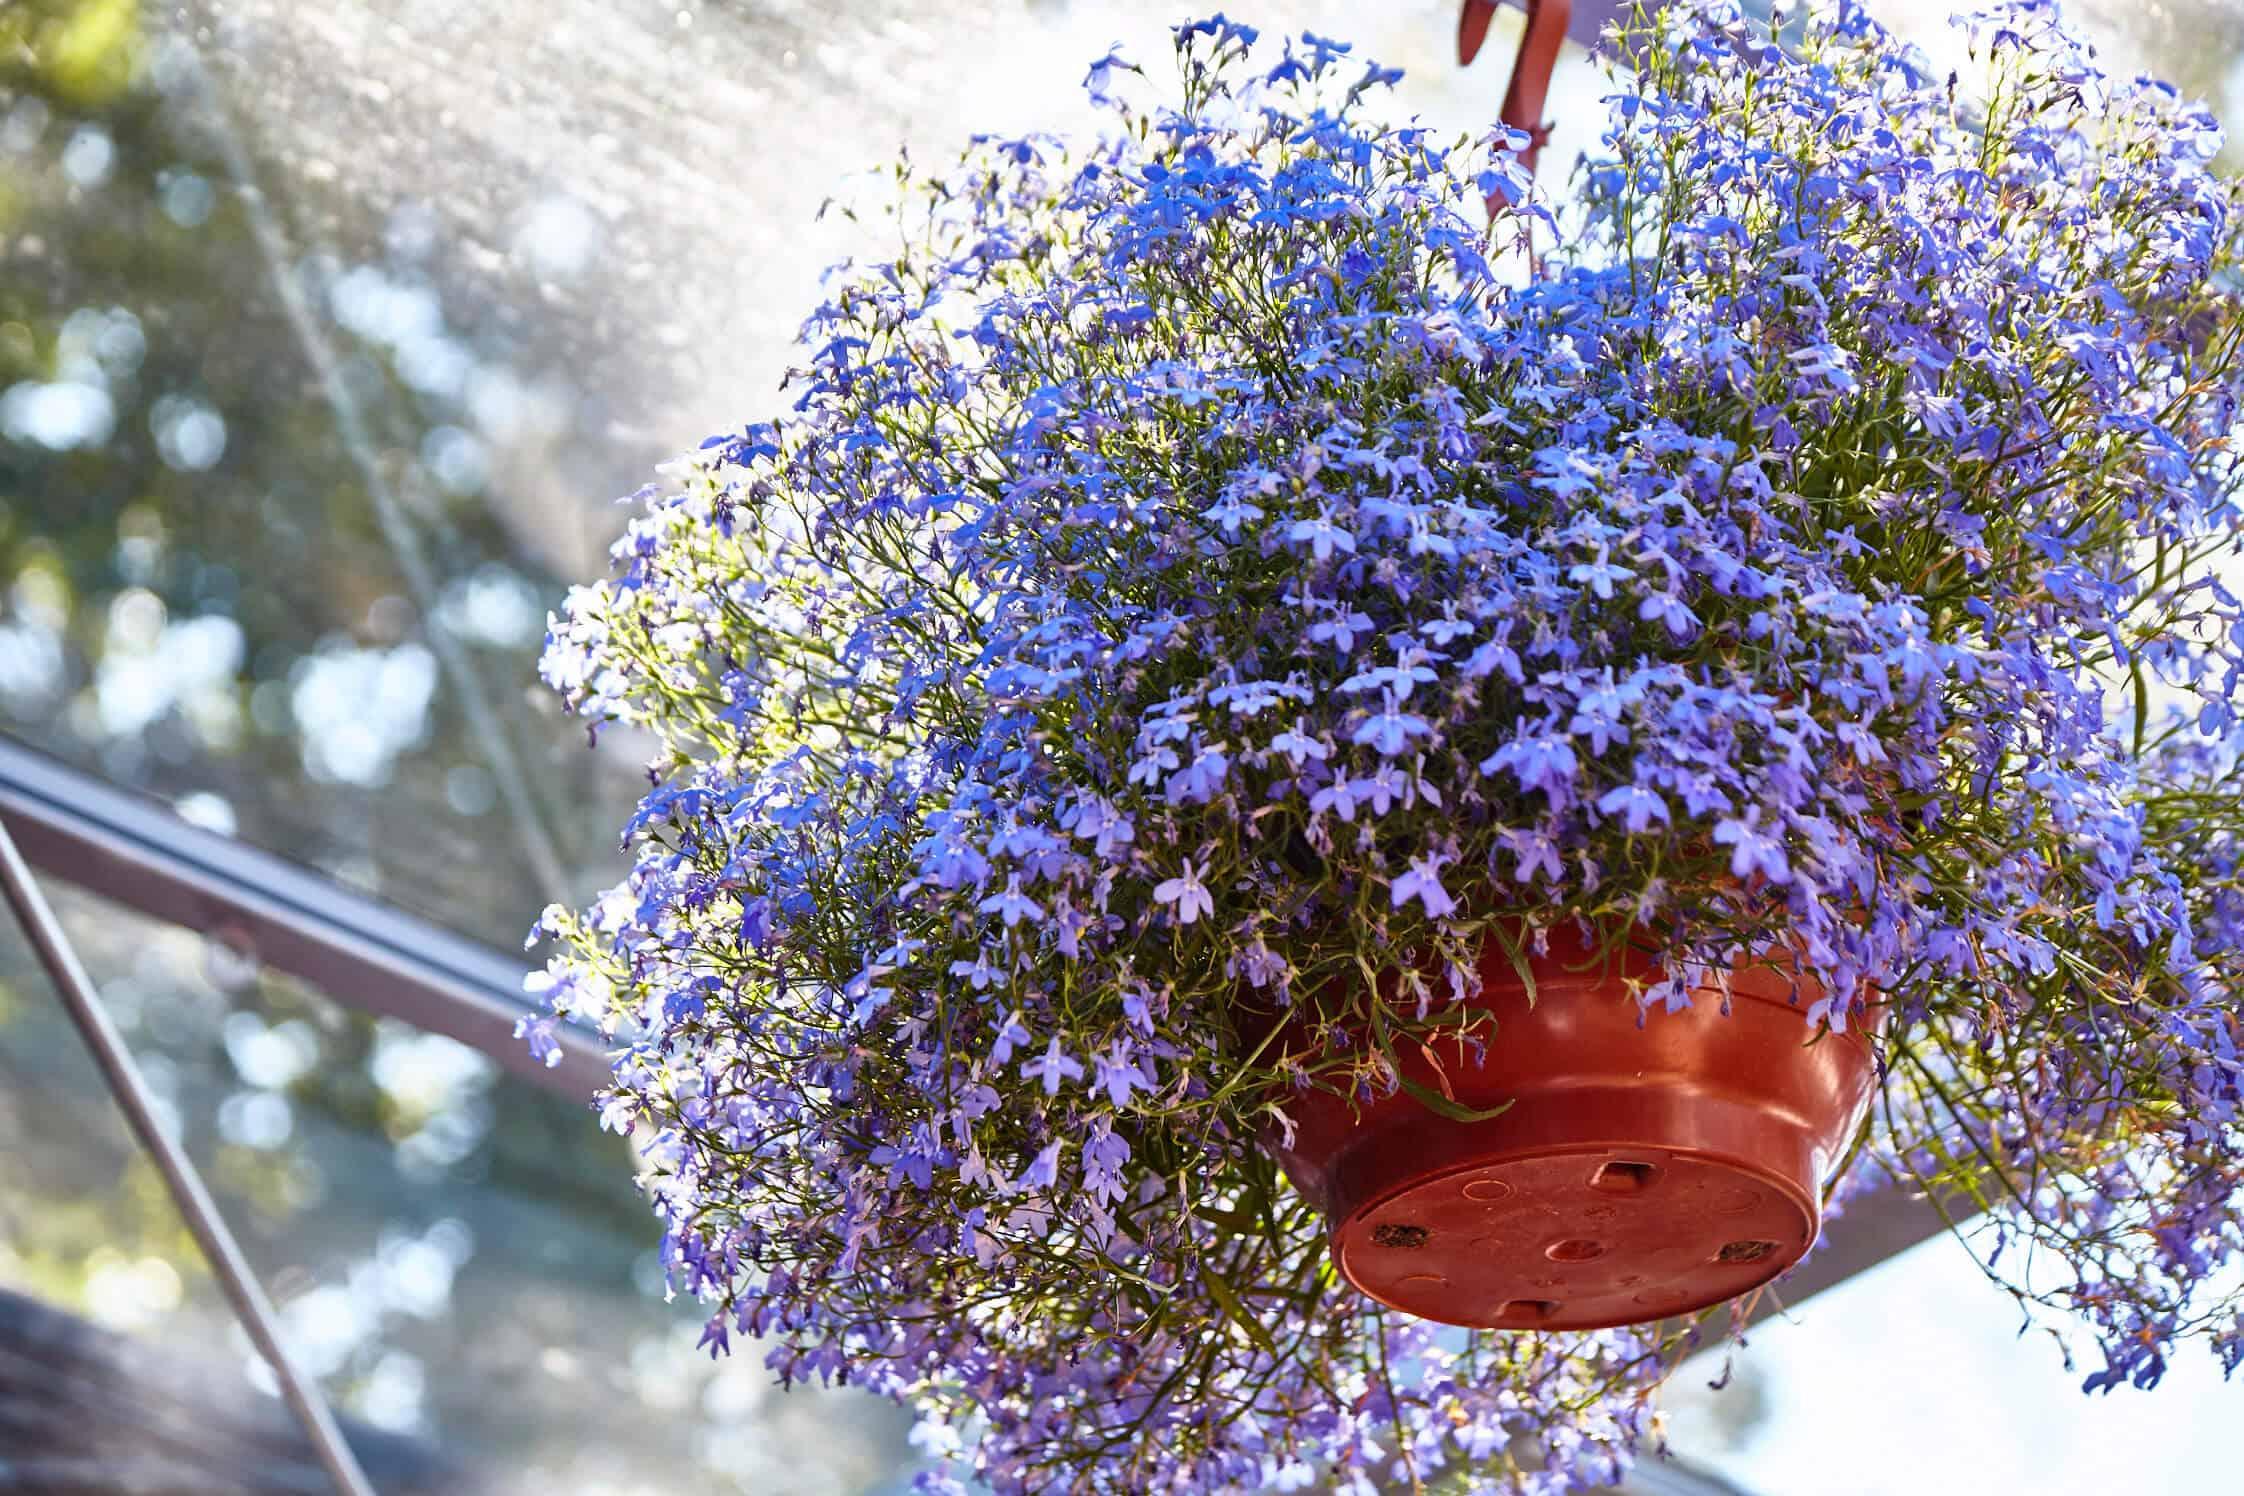 Hliněná bašta pohled z terasy na květinu